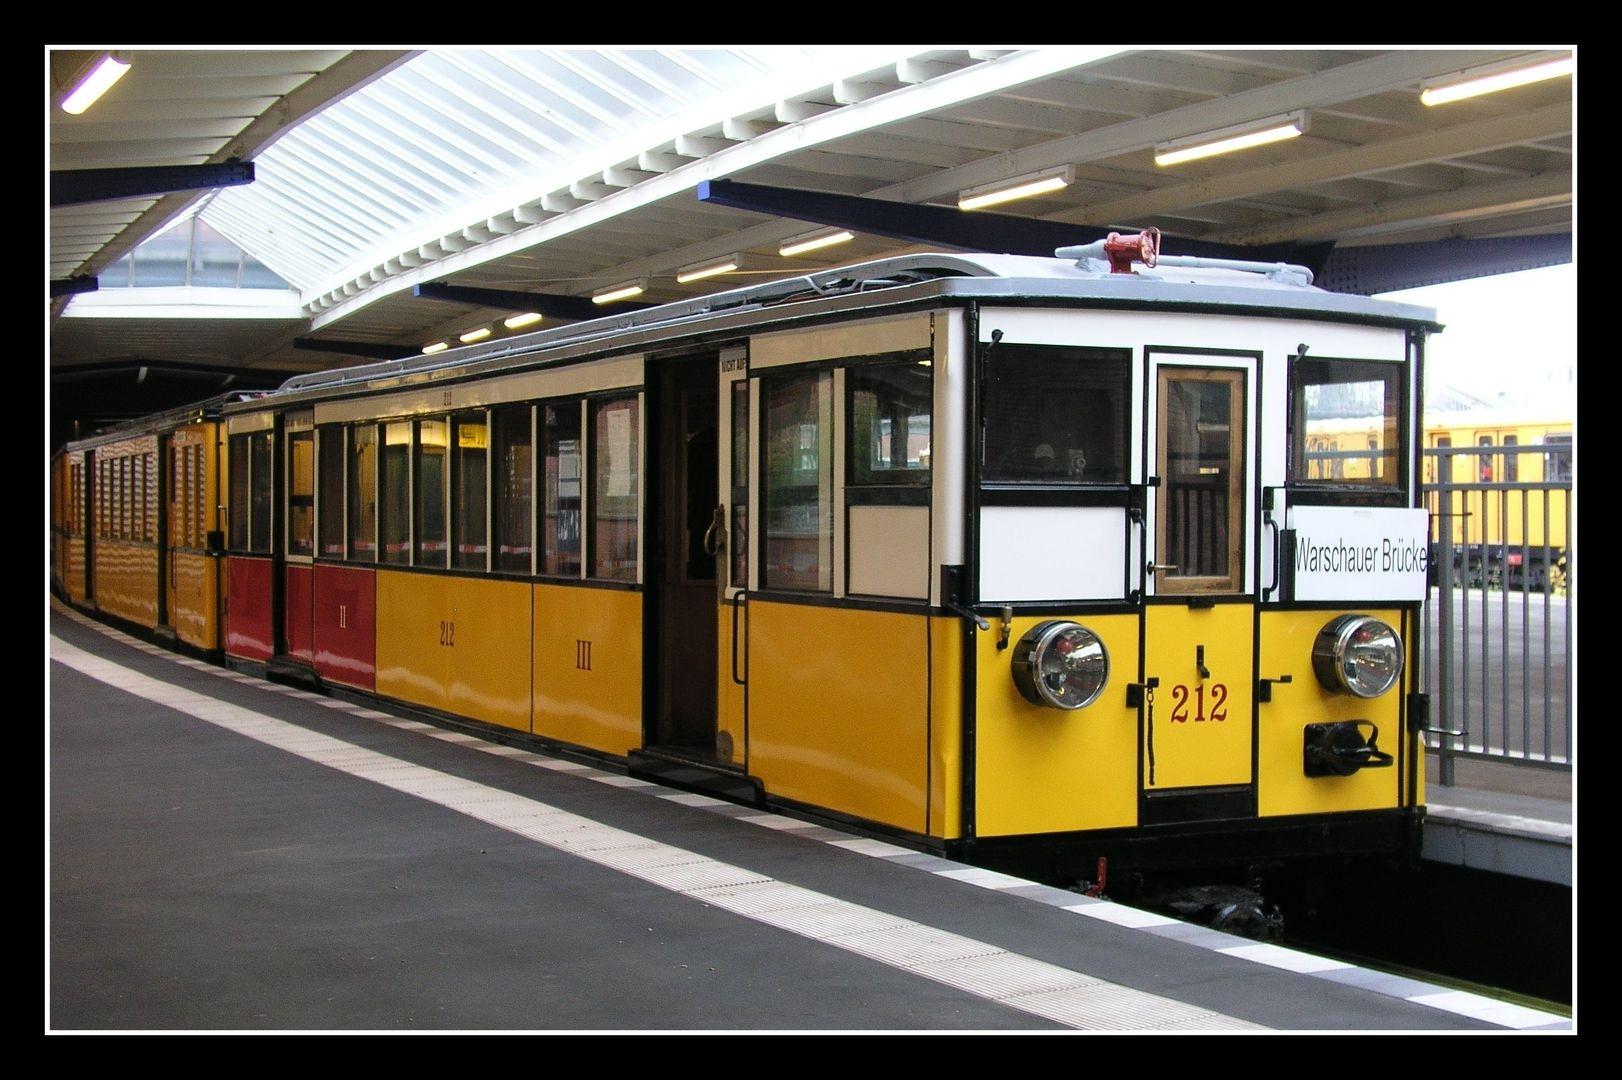 Über 100 Jahre U-Bahngeschichte BVG Historische U-Bahn (Berliner U-Bahn Museum,Olympia Stadion)